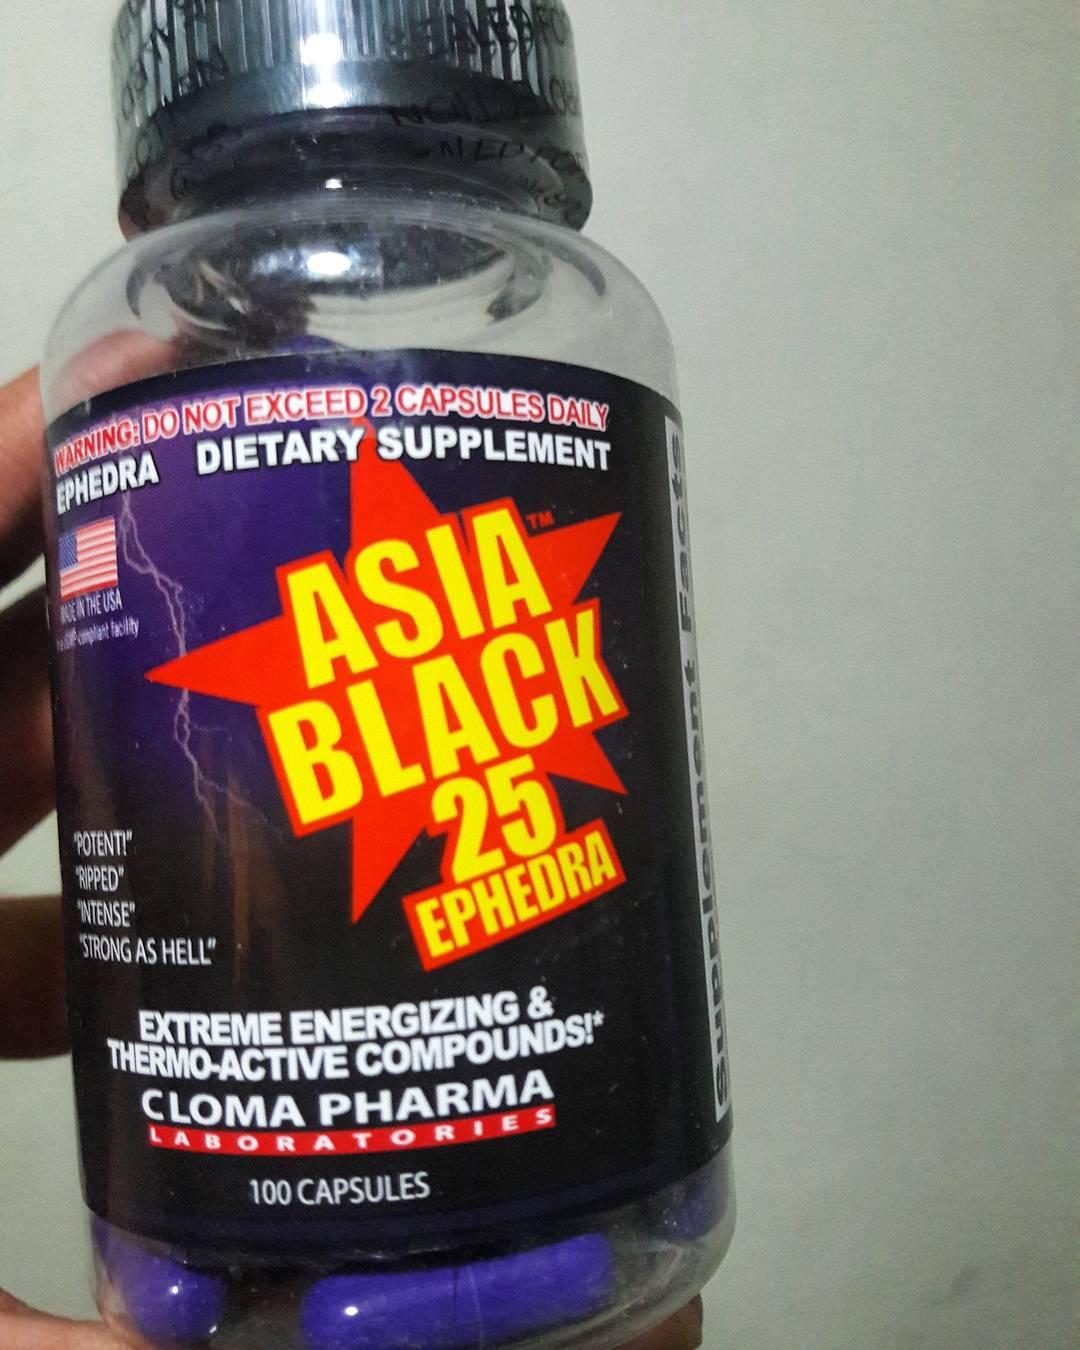 Asia black побочные действия